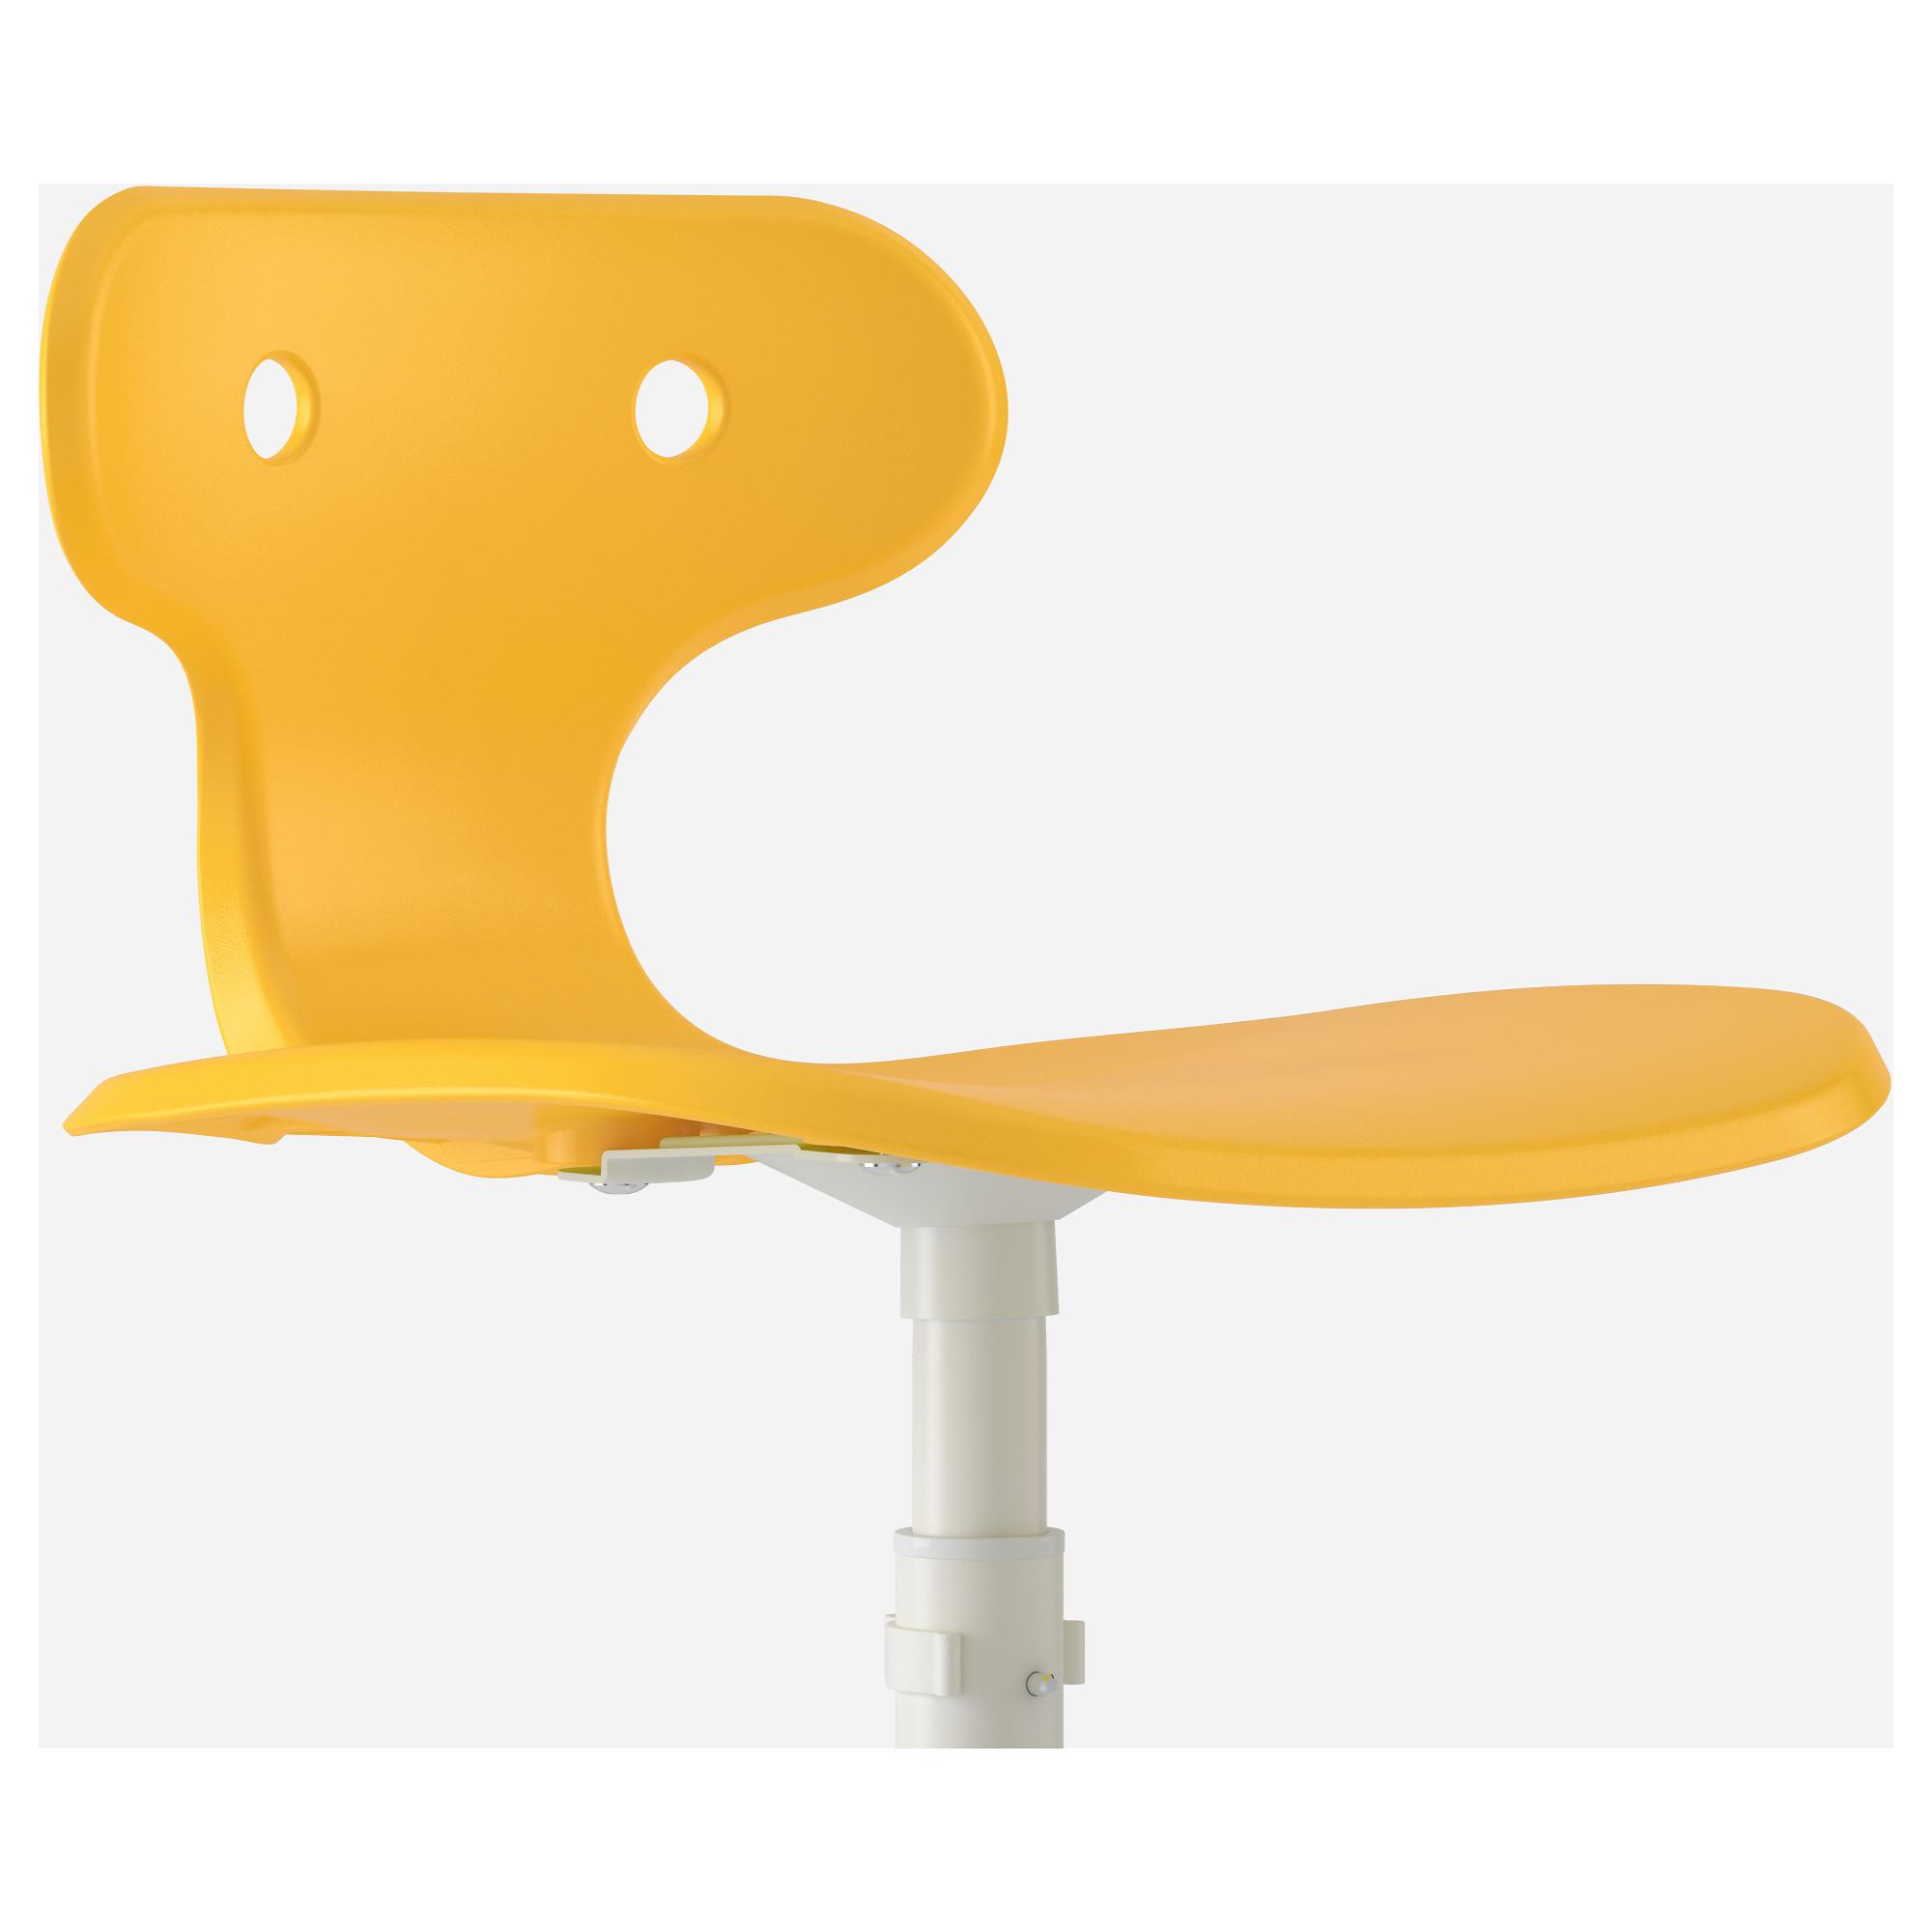 Стул для письменного стола МОЛЬТЕ желтый артикуль № 603.849.72 в наличии. Интернет магазин ИКЕА Минск. Быстрая доставка и установка.